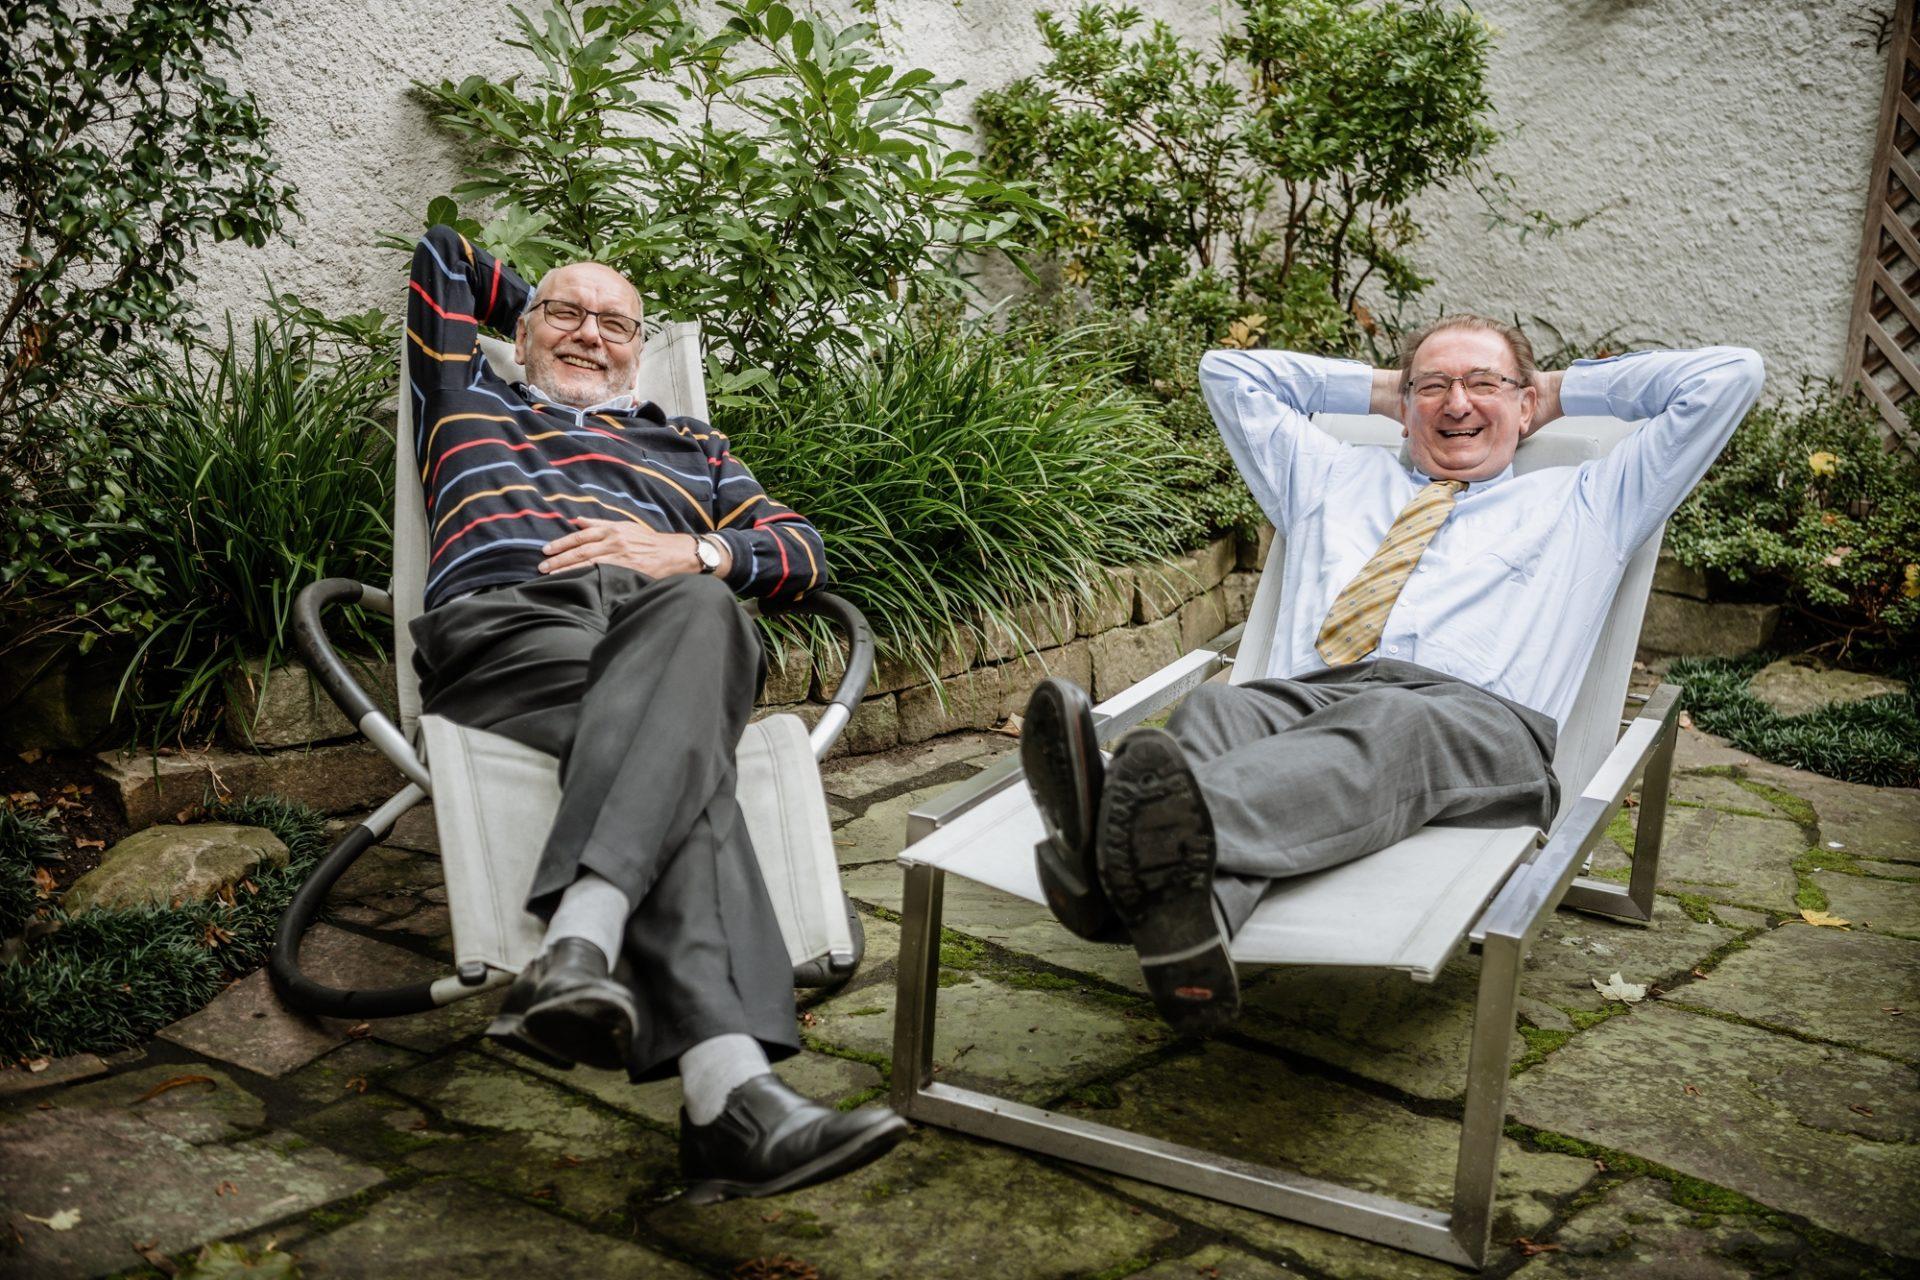 Der Ruhestand gefällt ihnen offensichtlich: Egbert Casten (links) und Johannes Horn. Foto: Andreas Endermann